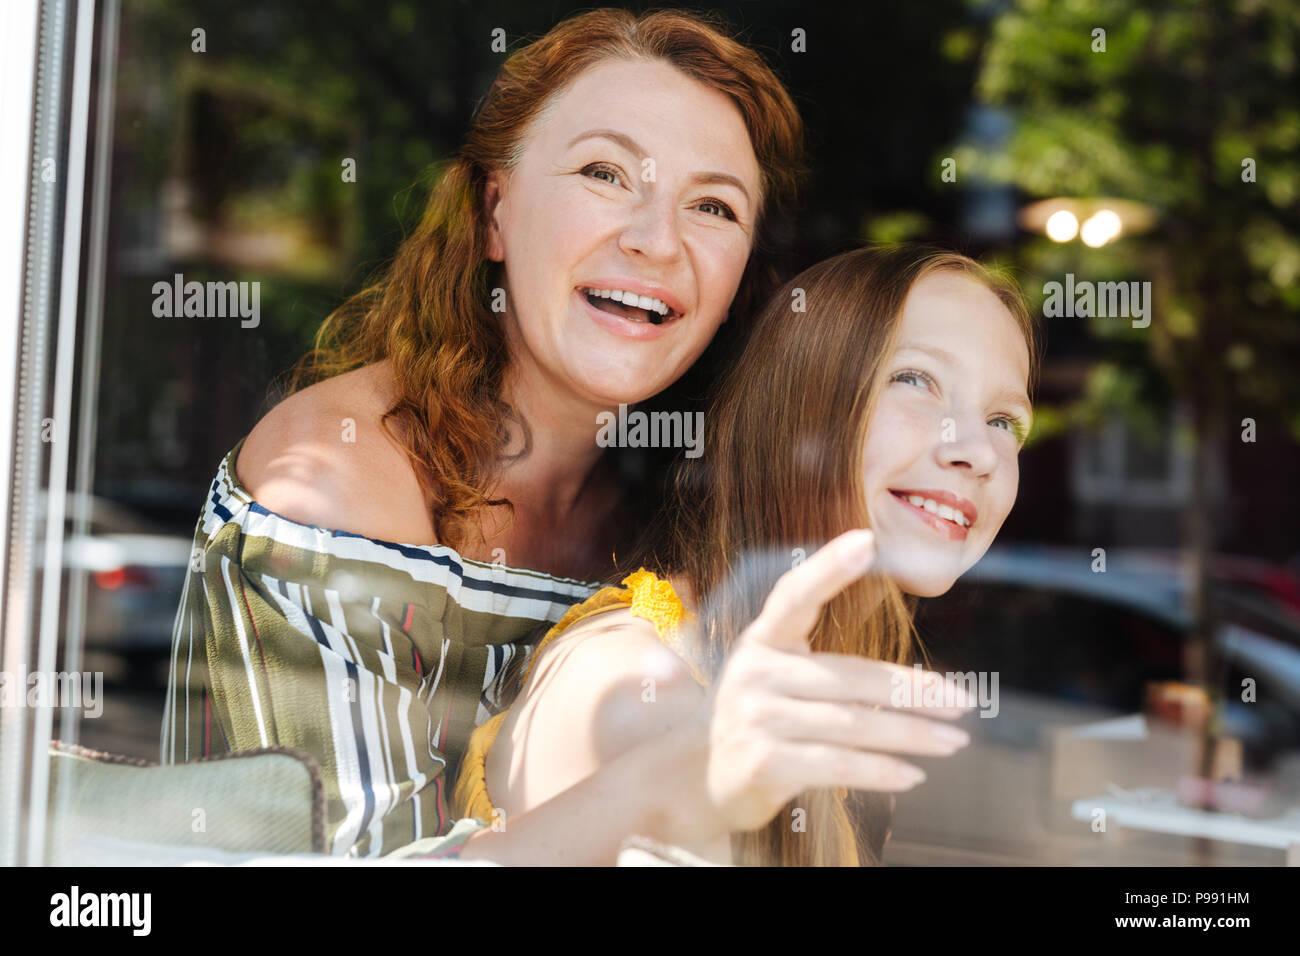 Cura la trasmissione via IR madre abbracciando la sua figlia attraente Immagini Stock